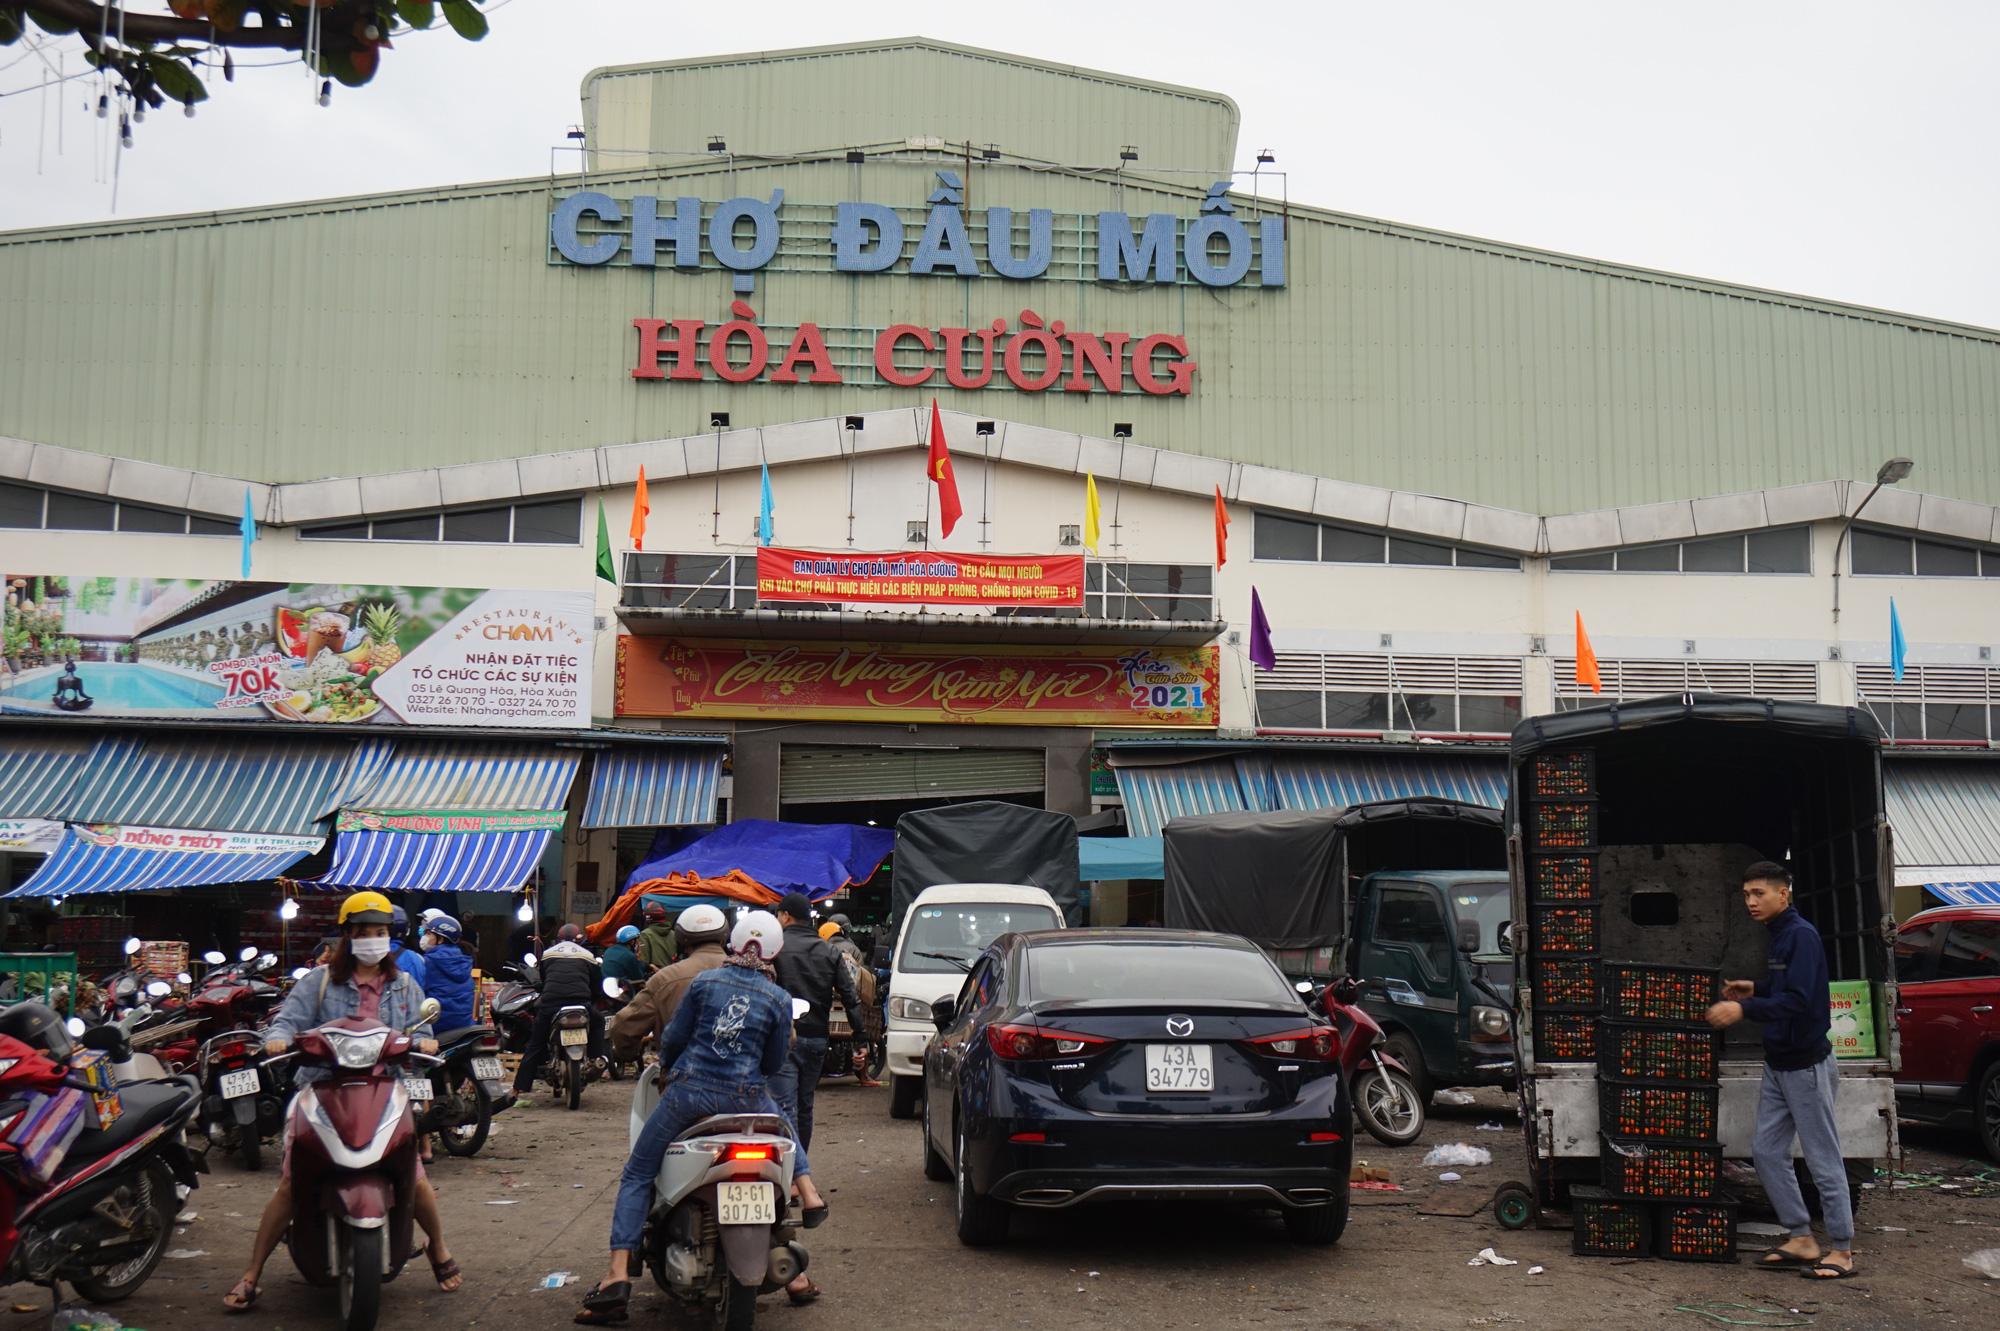 Đà Nẵng: Chợ lớn nhất thành phố tấp nập người và xe sáng 29 Tết - Ảnh 1.